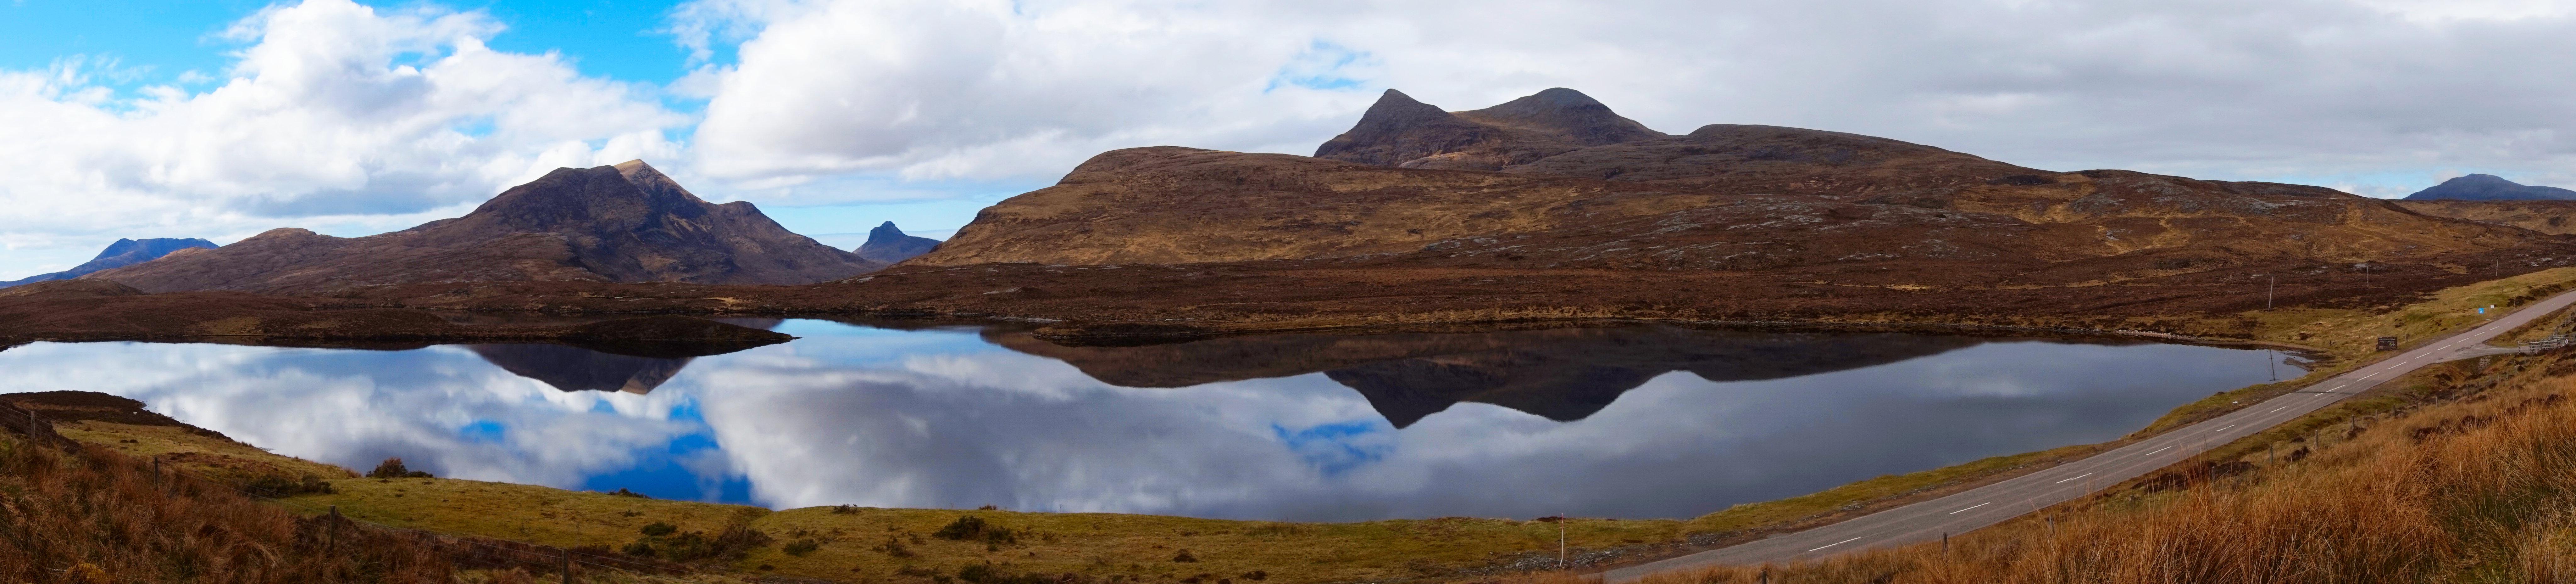 Panorama from Knockan Crag, Assynt, Scotland